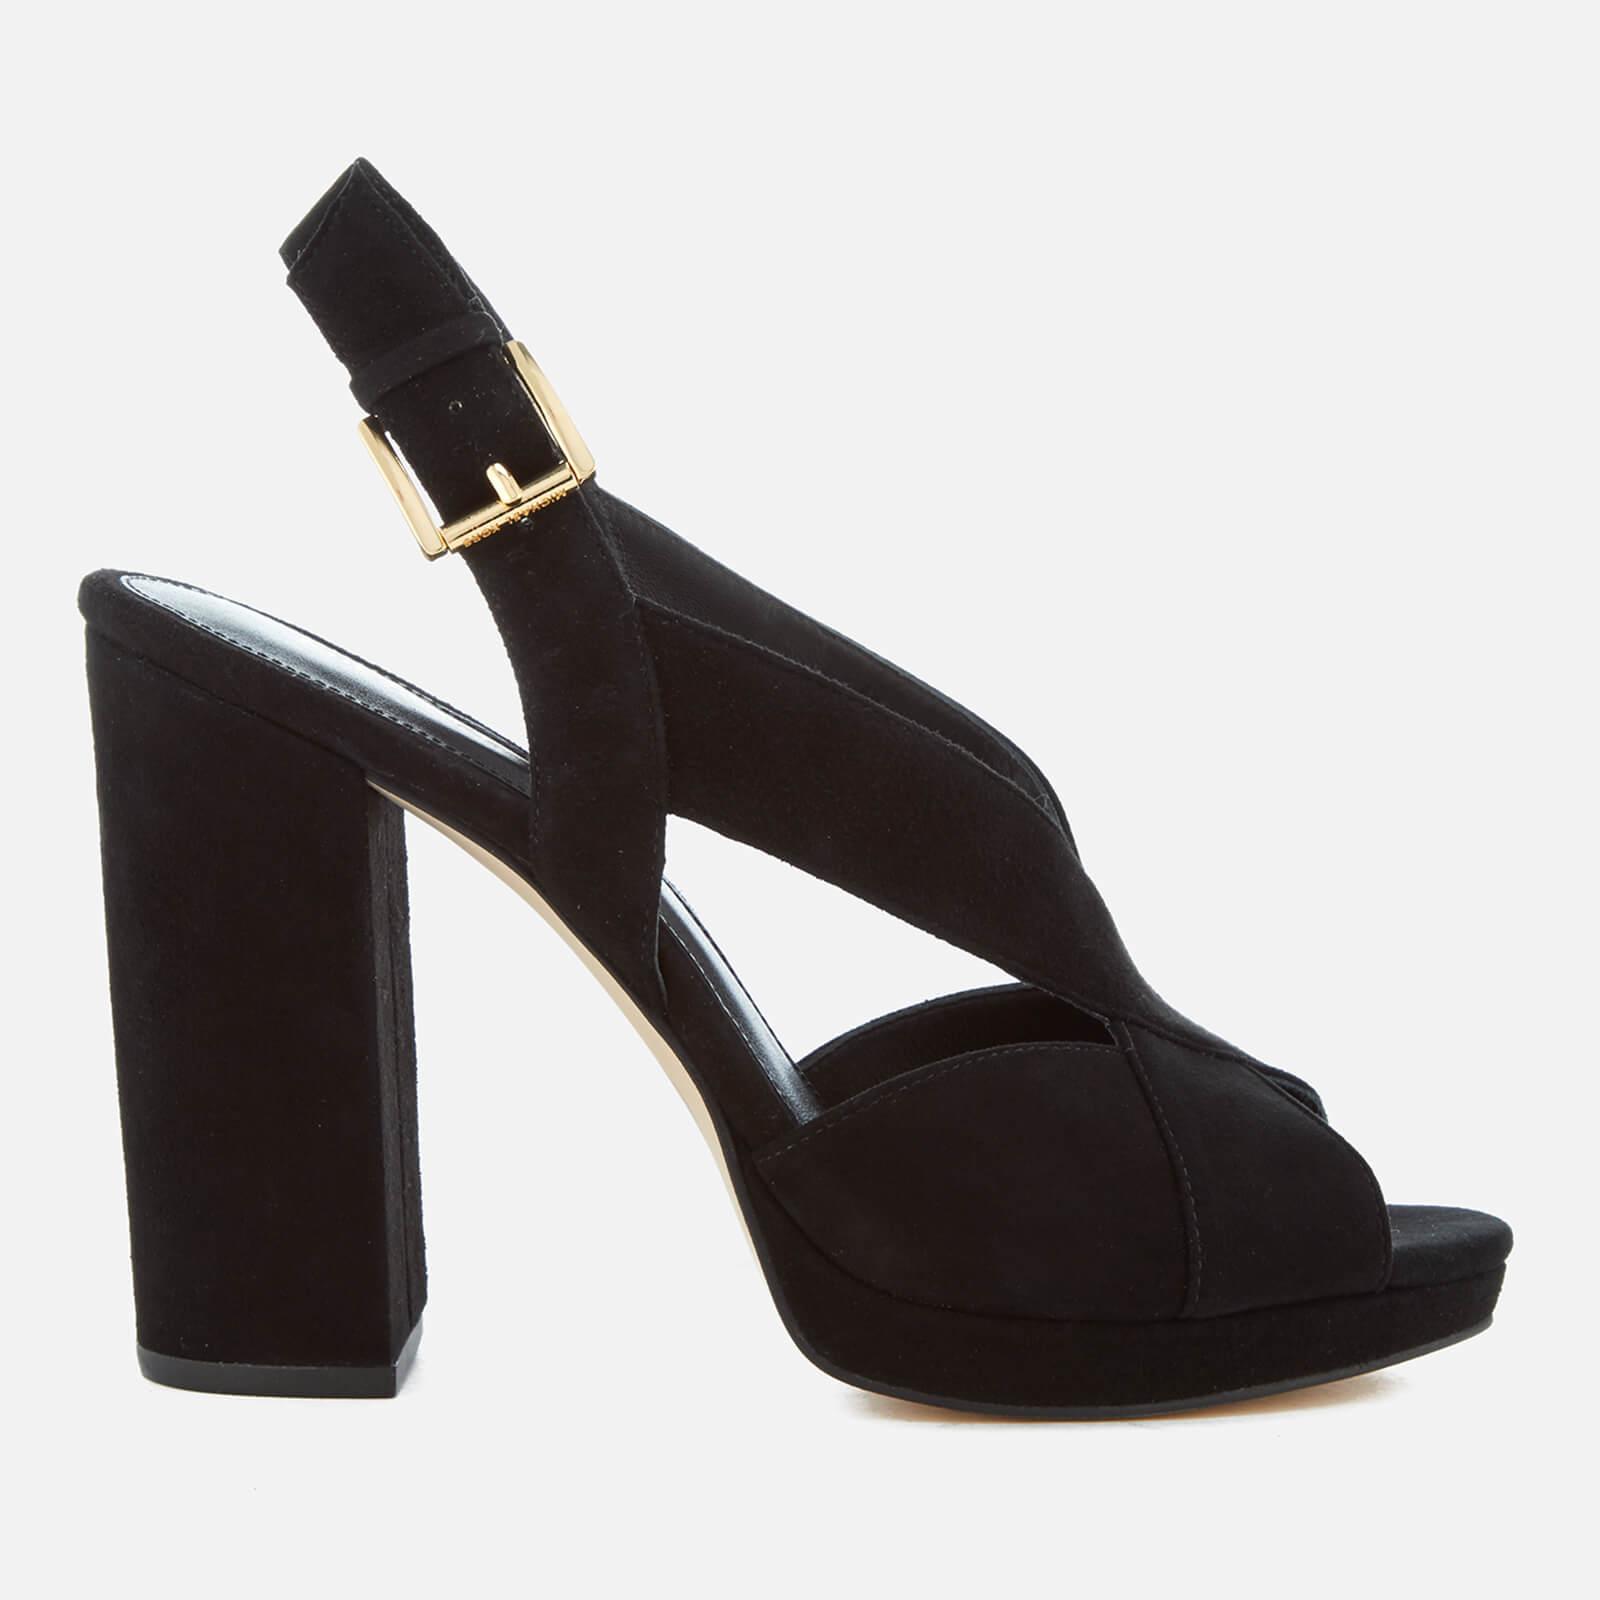 9270a7bd36f7 MICHAEL MICHAEL KORS Women s Becky Platform Sandals - Black